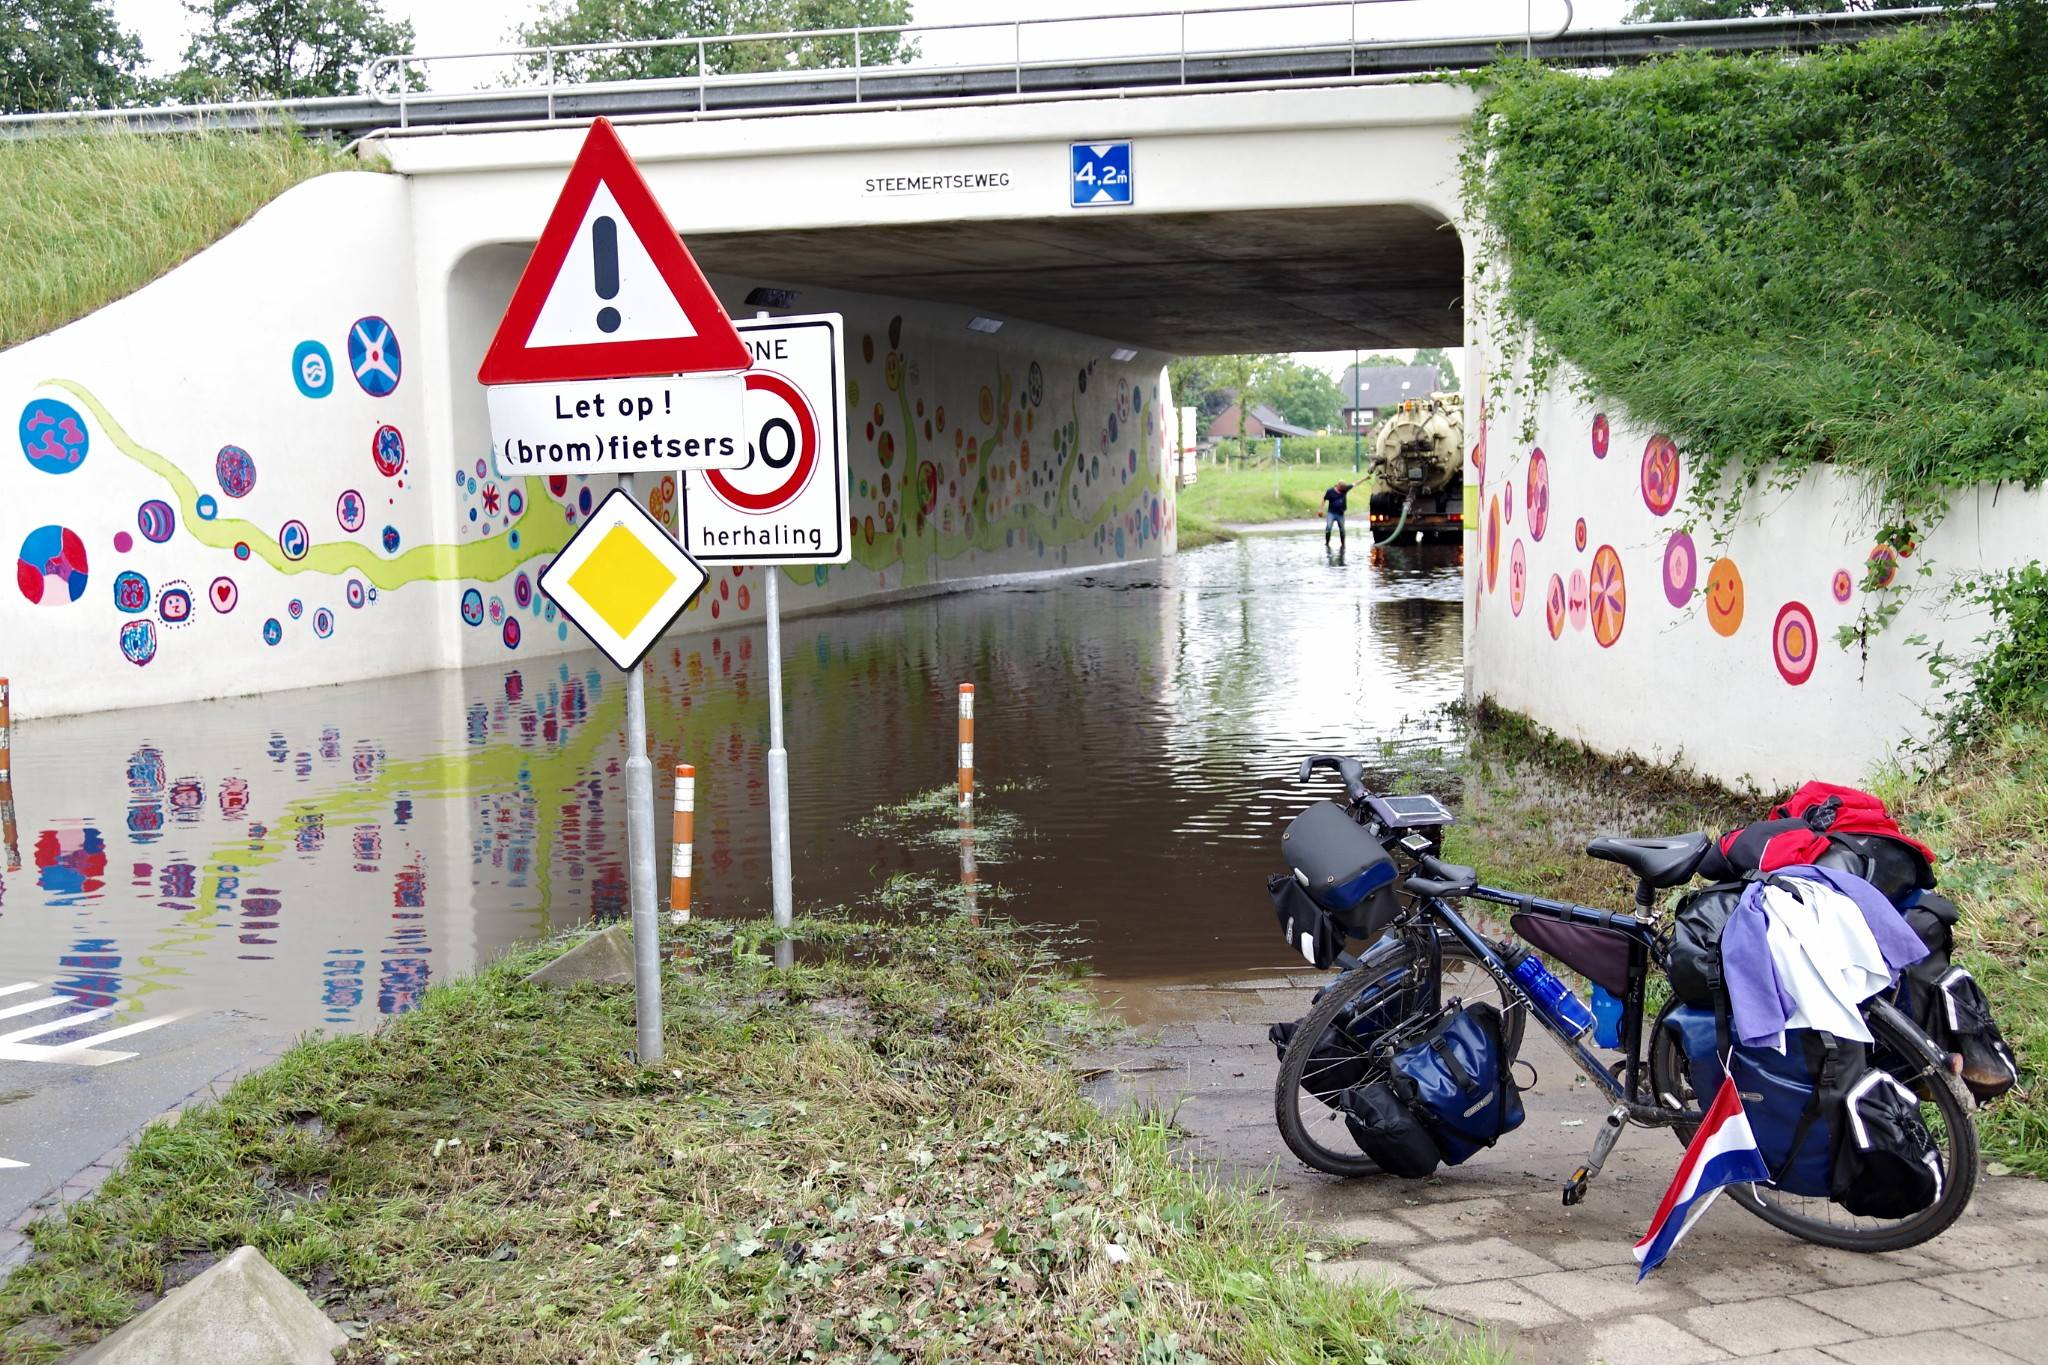 Benelux-Länder, 24.06.2016